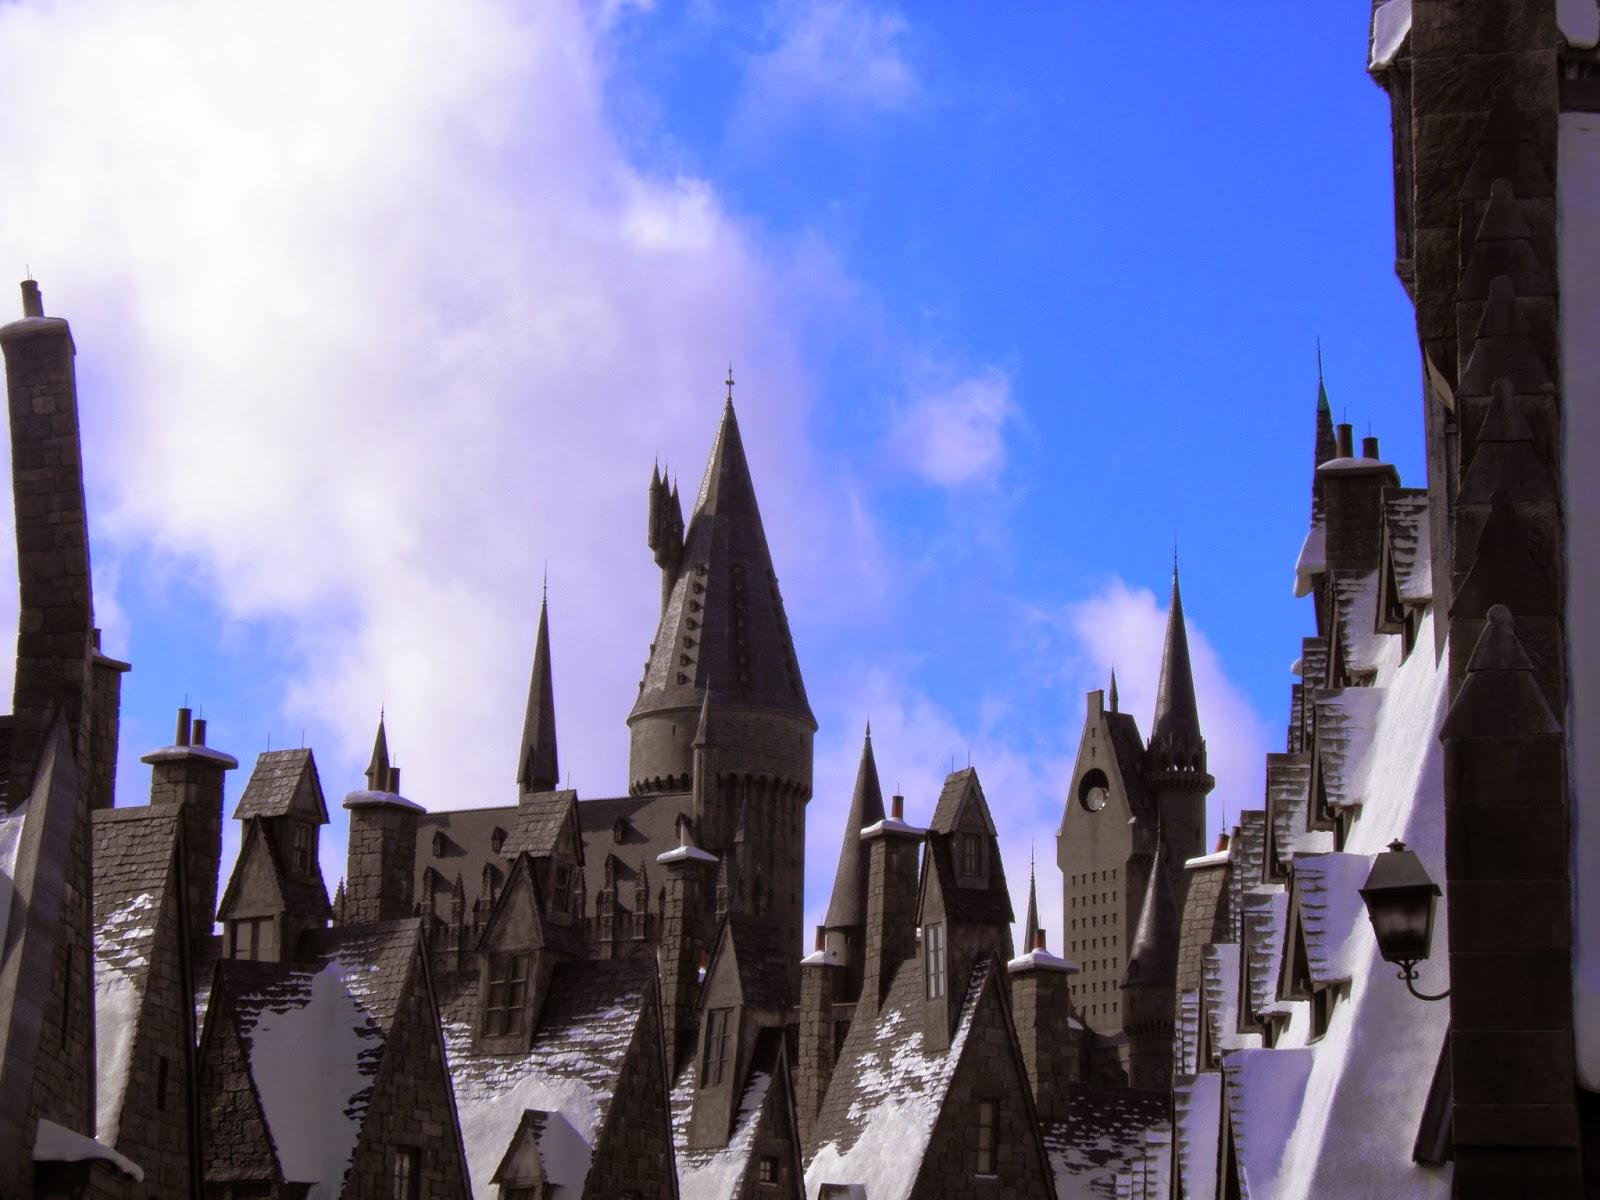 SEM GUIA; América do Norte; turismo; lazer; viagem; USA; Universal'Islands of Adventure; Harry Potter